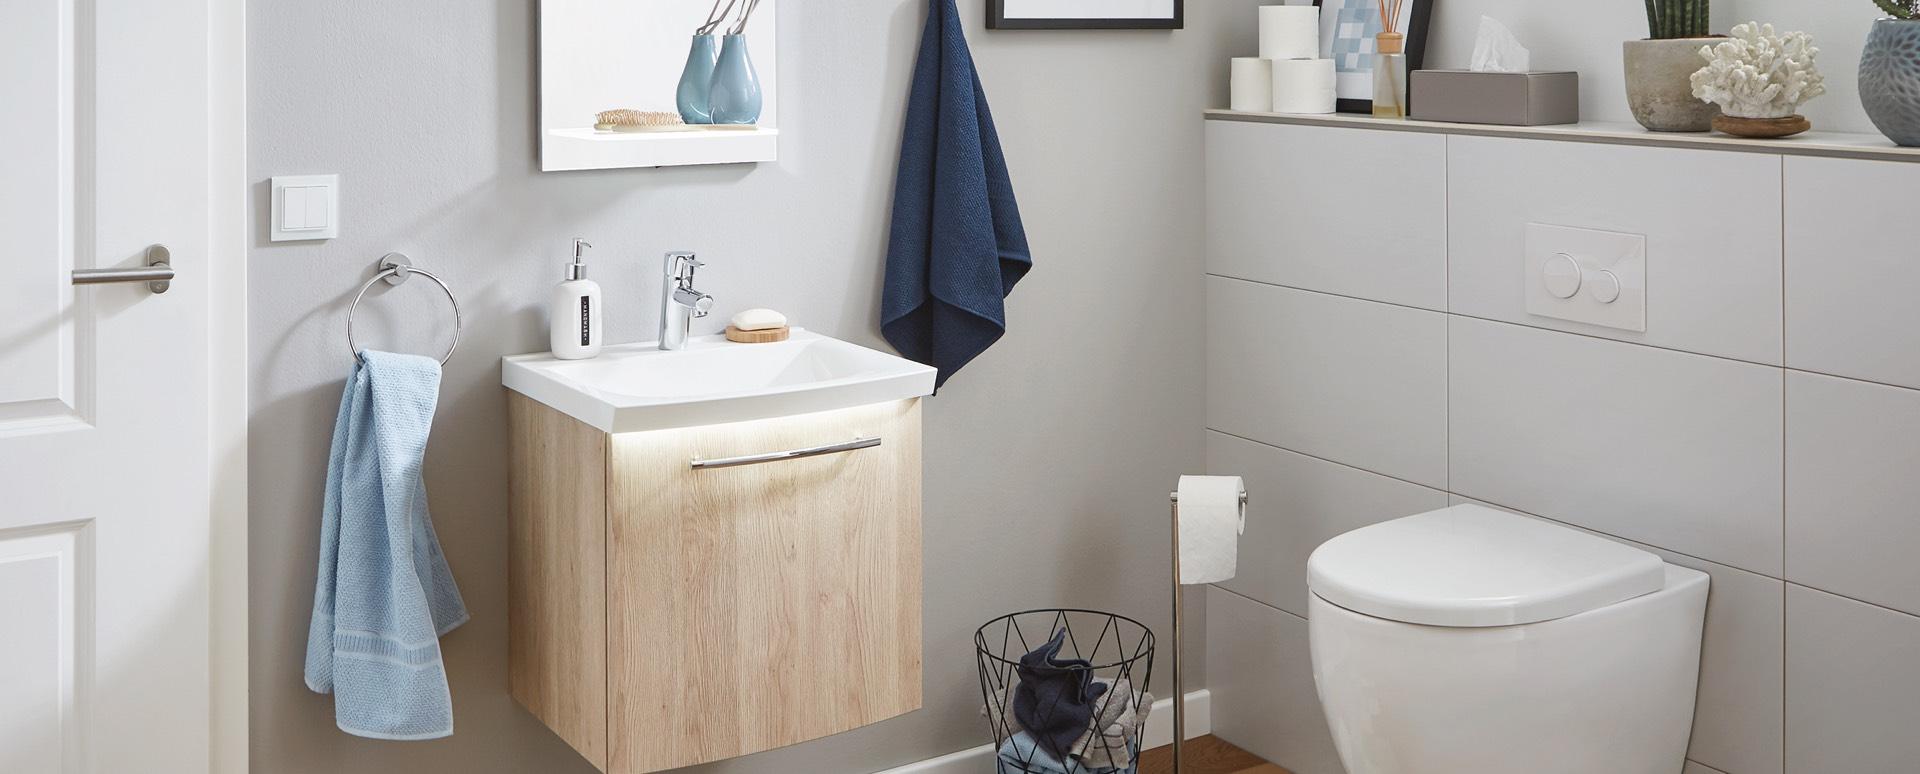 compacte-badkamer-compact-compleet-mijn-bad-in-stijl-header